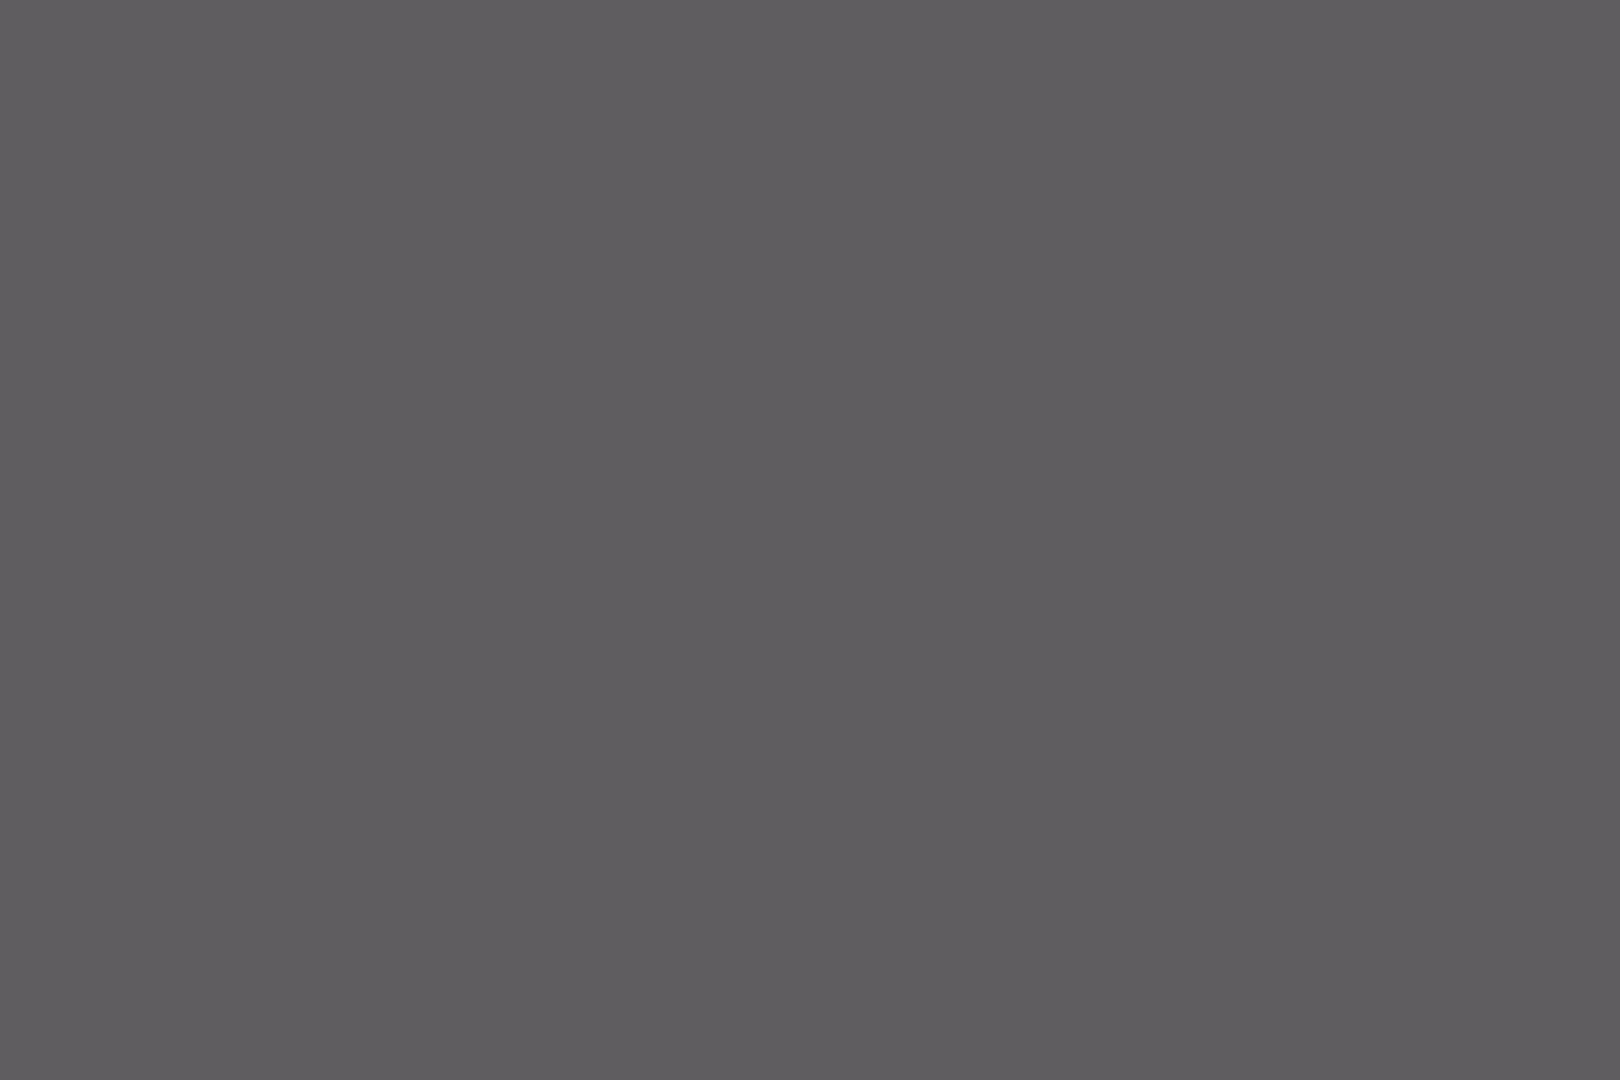 充血監督の深夜の運動会Vol.8 チクビ  98枚 86